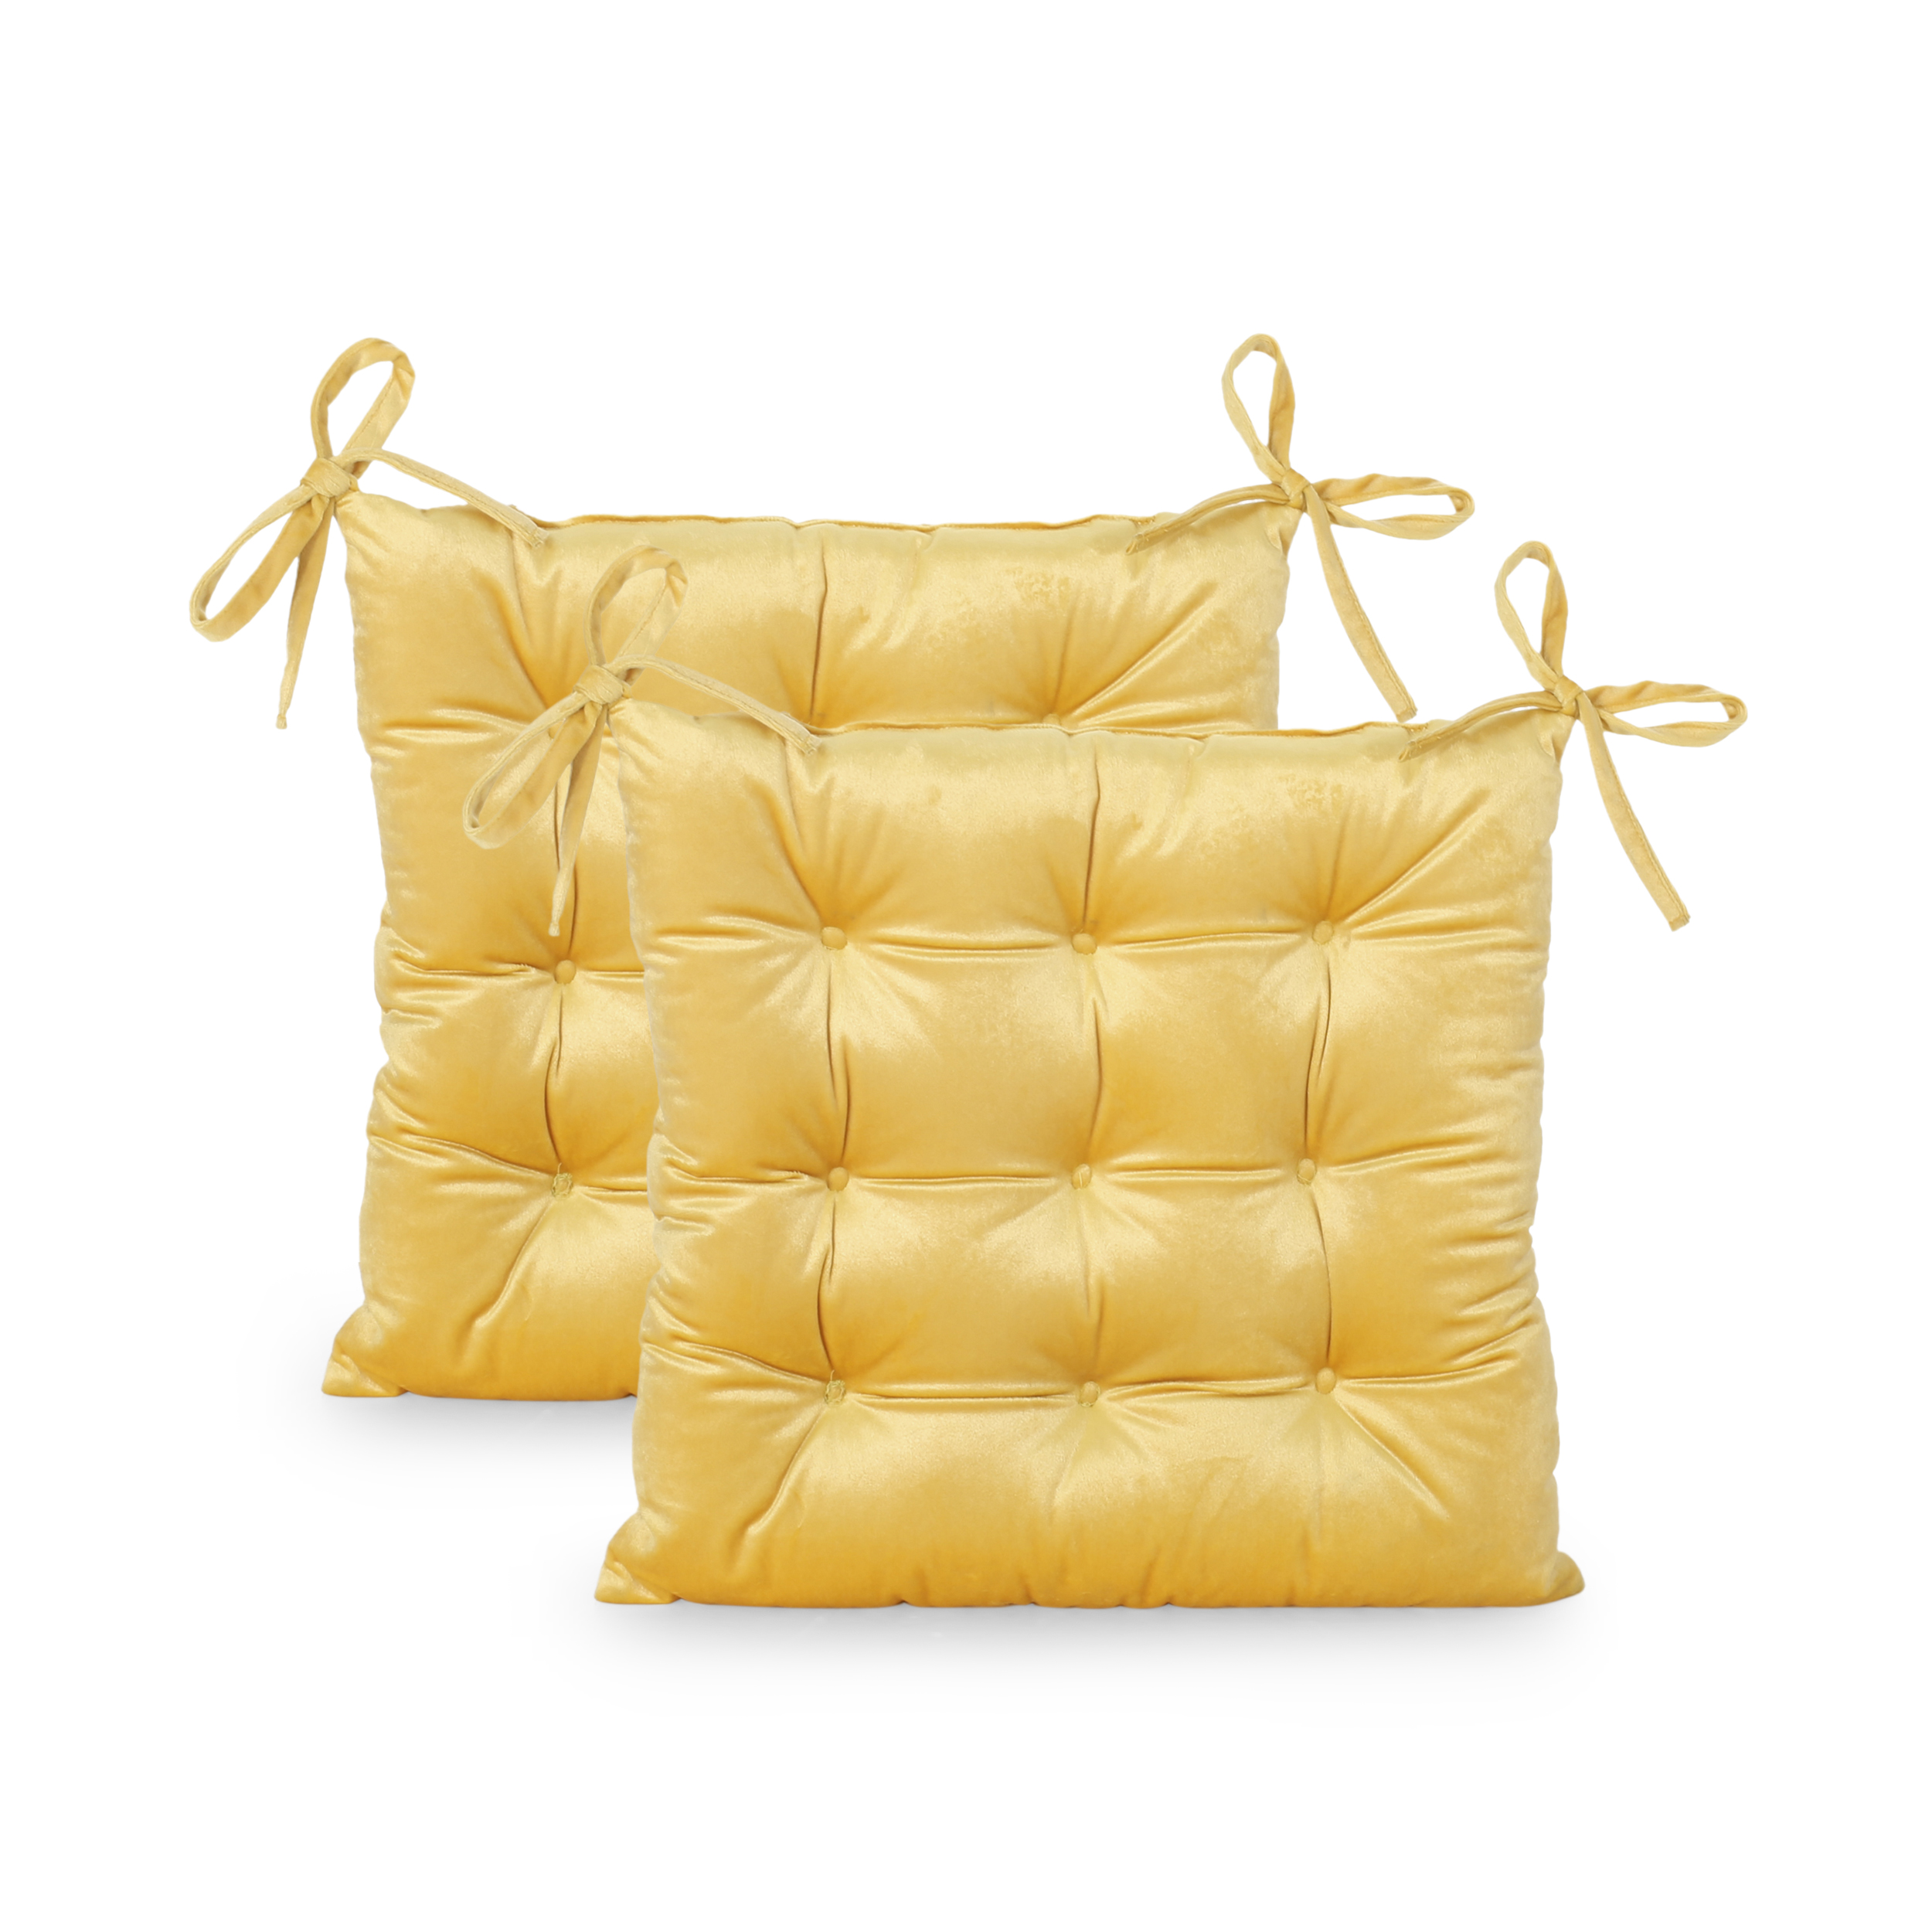 asma tufted velvet dining chair cushions set of 2 honey